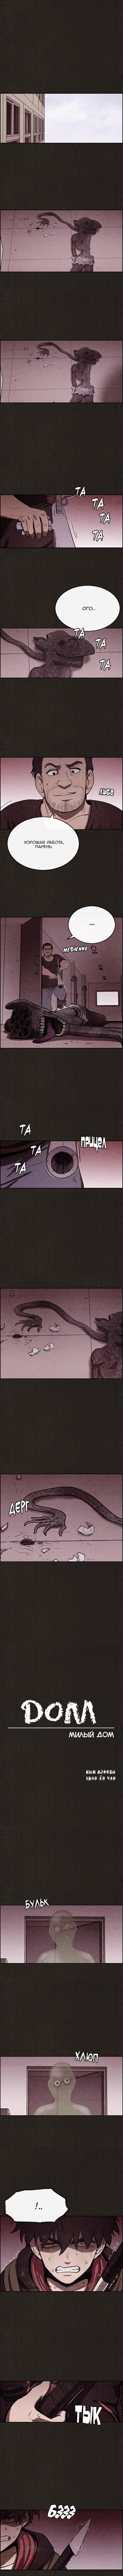 Манга Милый дом / Sweet Home (HWANG Youngchan) - Том 1 Глава 20 Страница 1